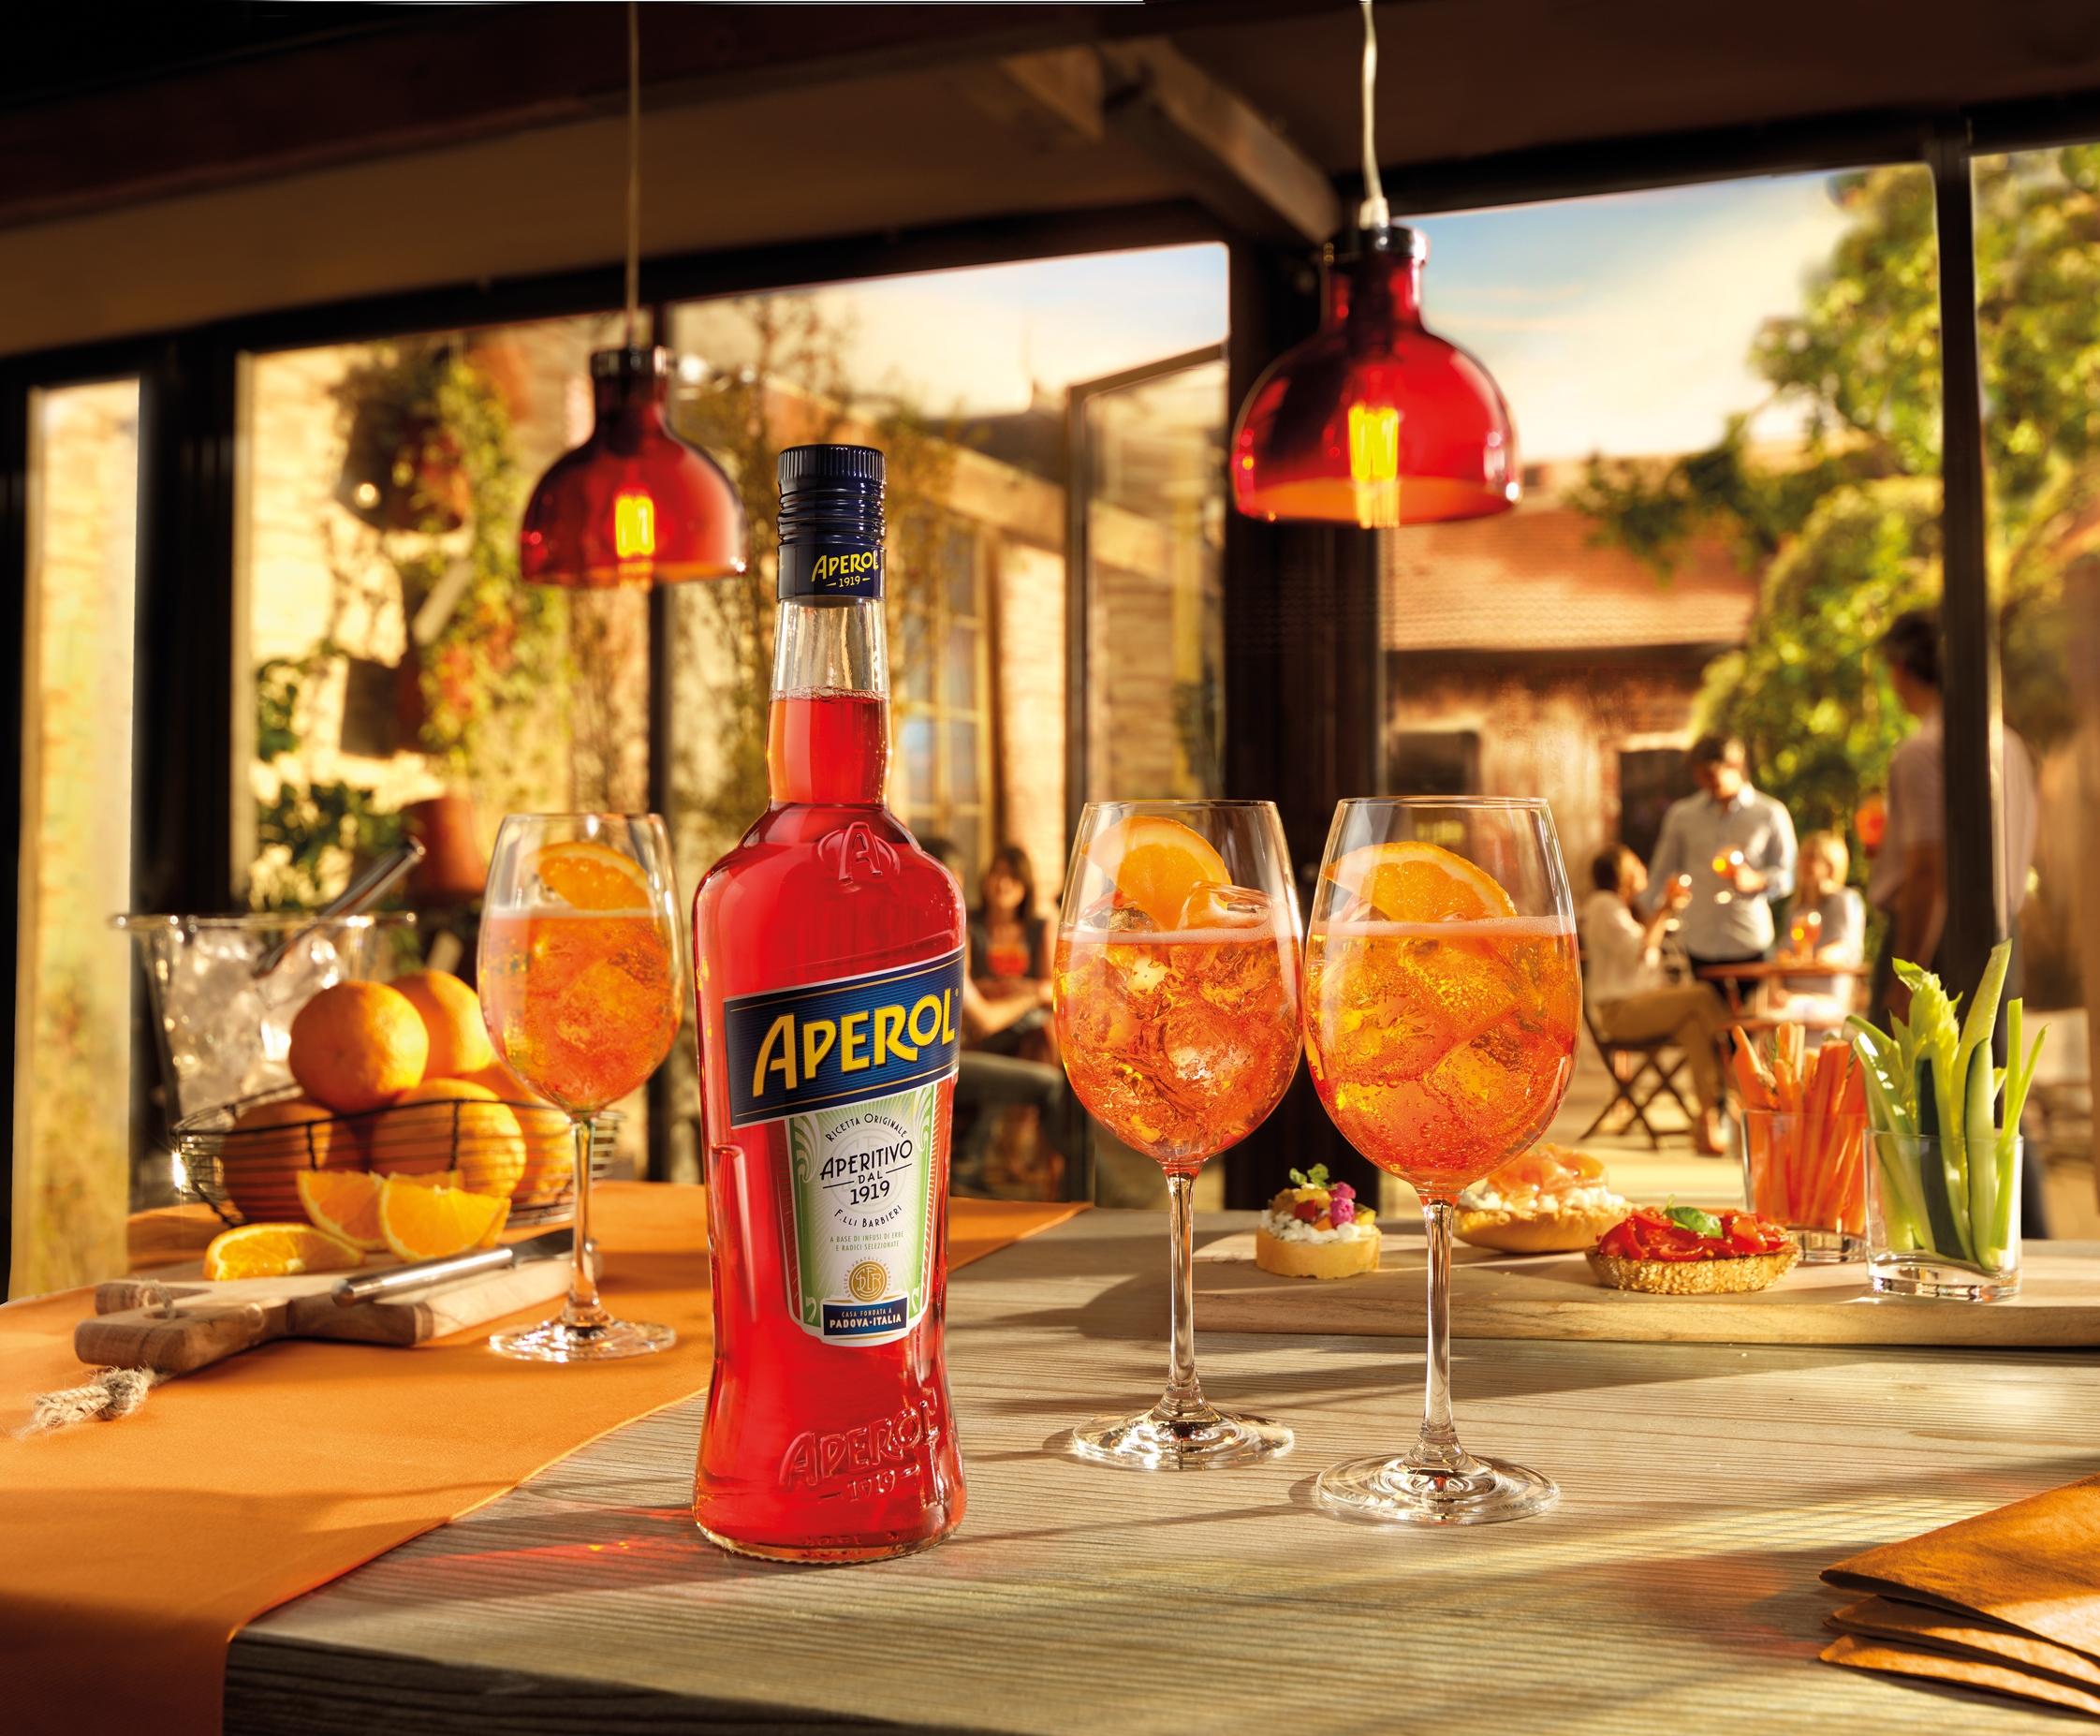 Апероль шприц – итальянский аперитив красно-оранжевого цвета